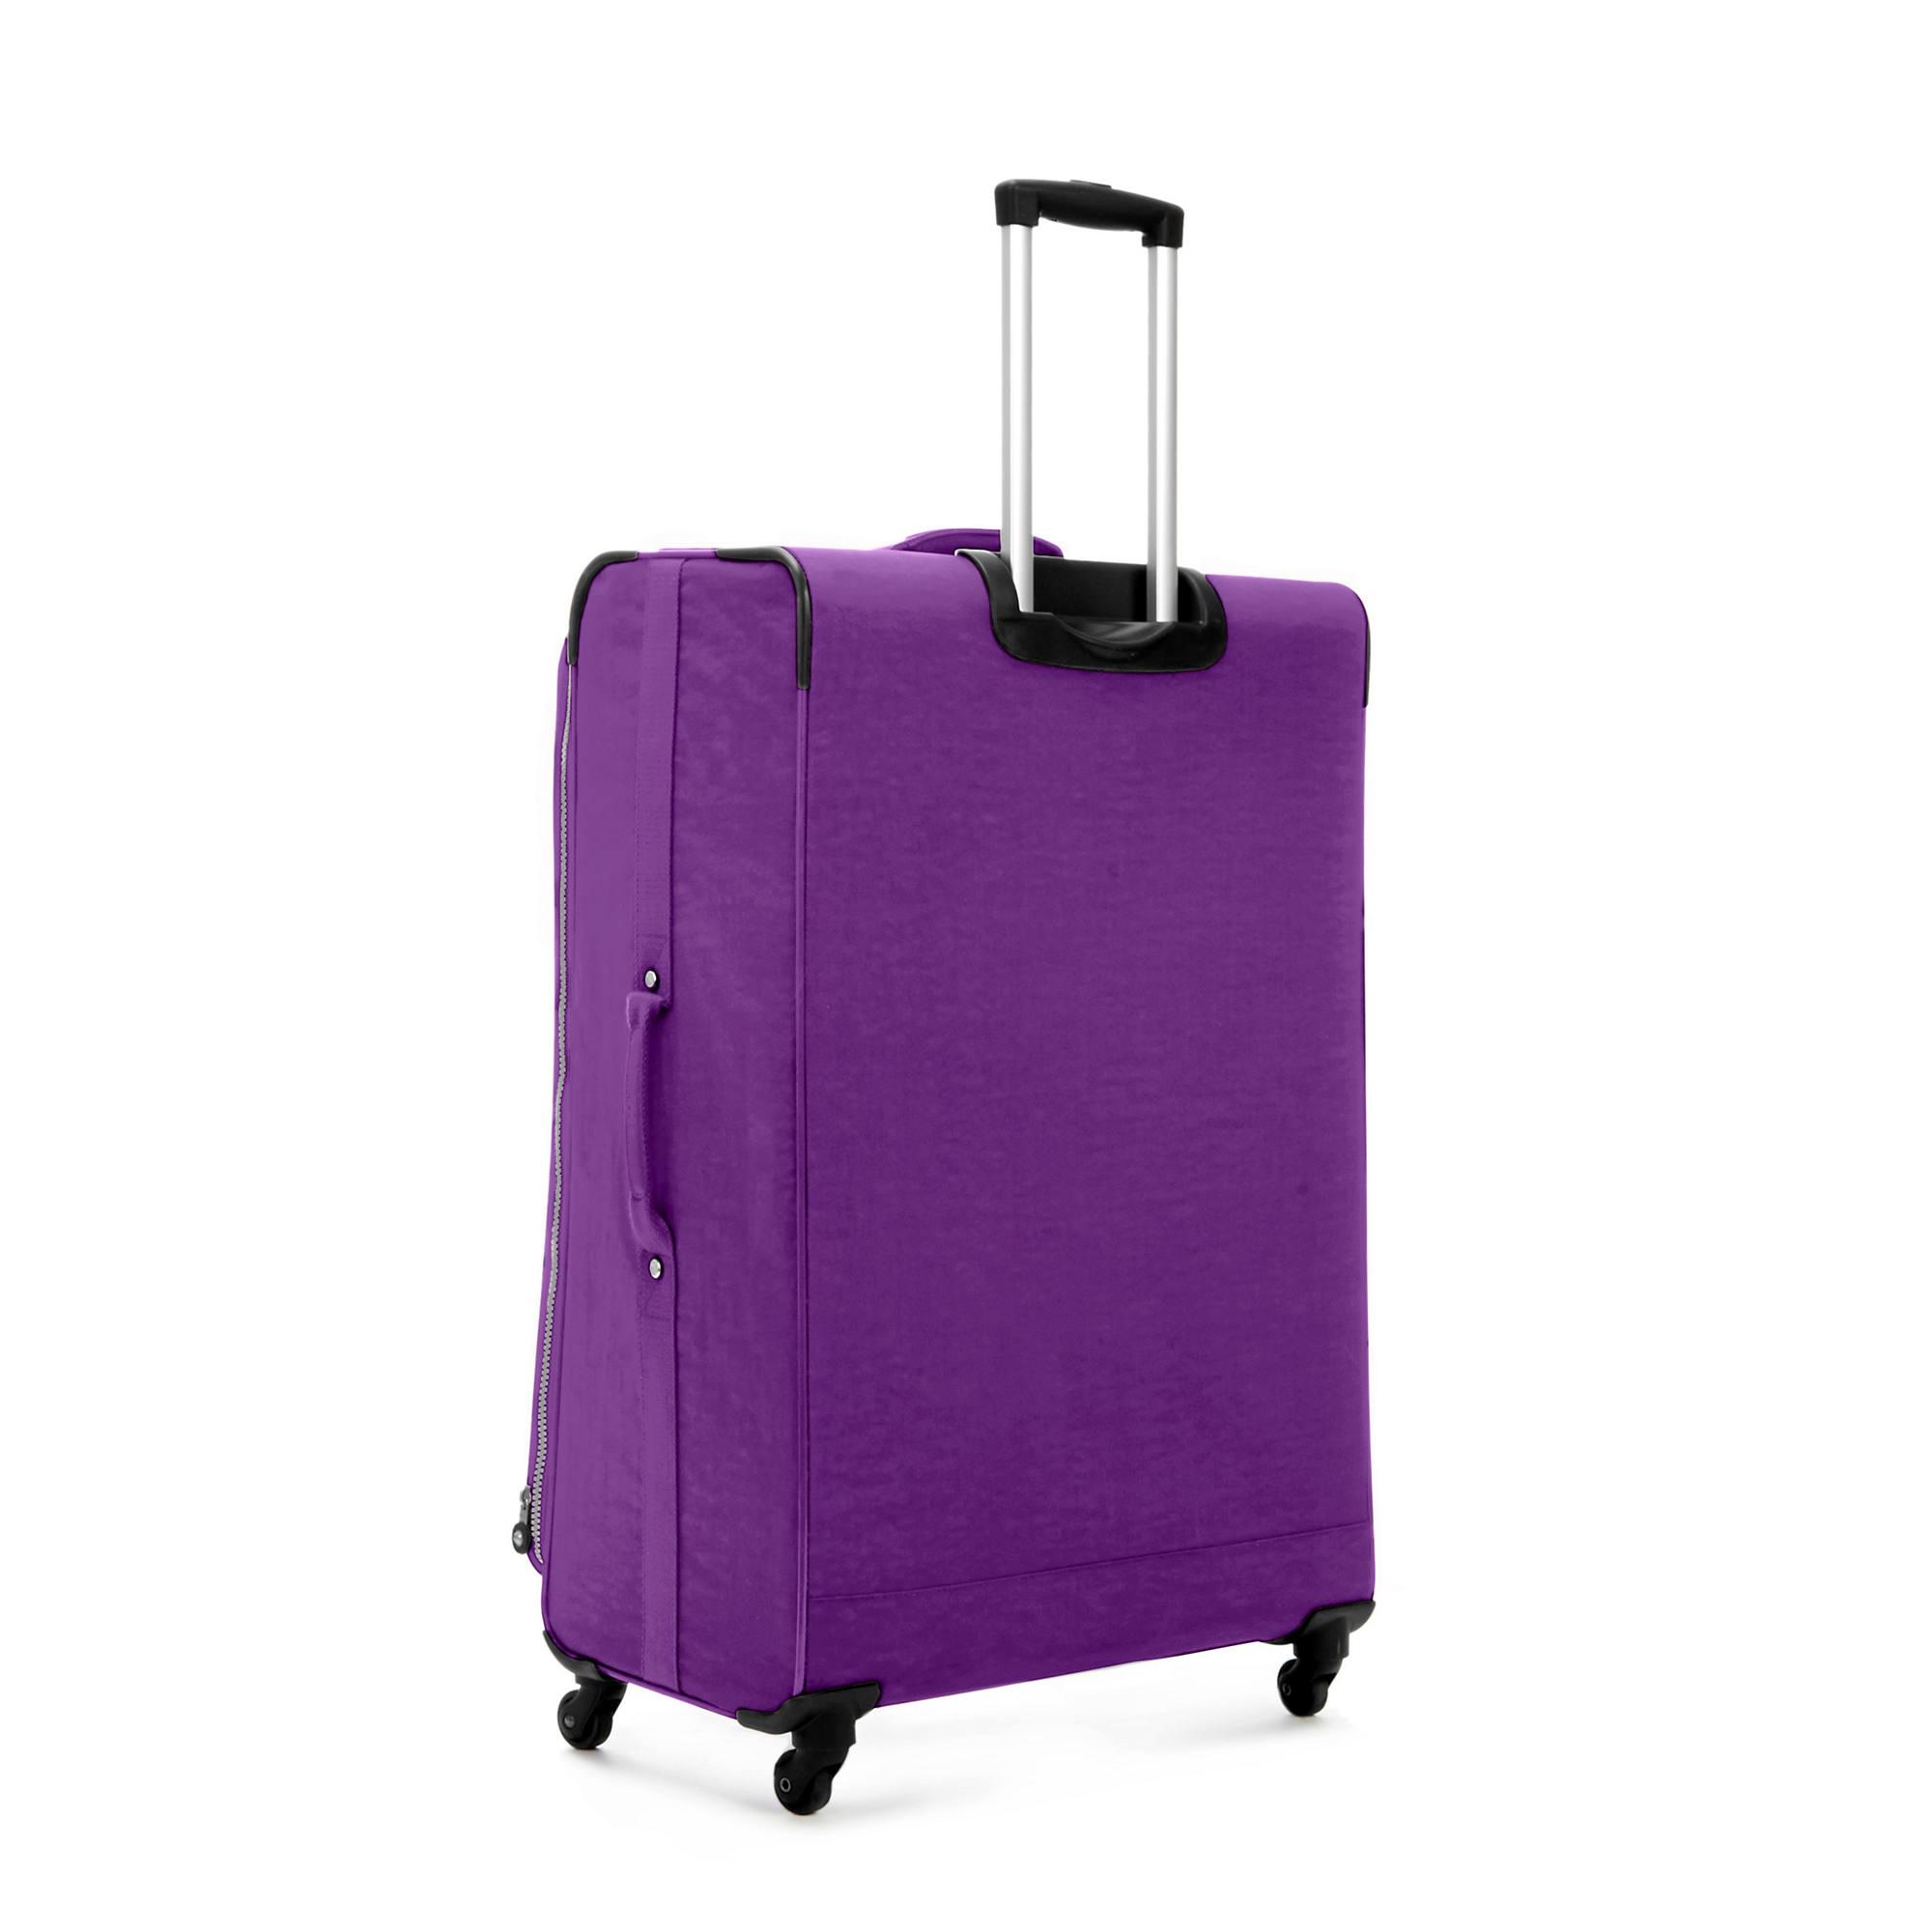 Parker Large Rolling Luggage | Kipling